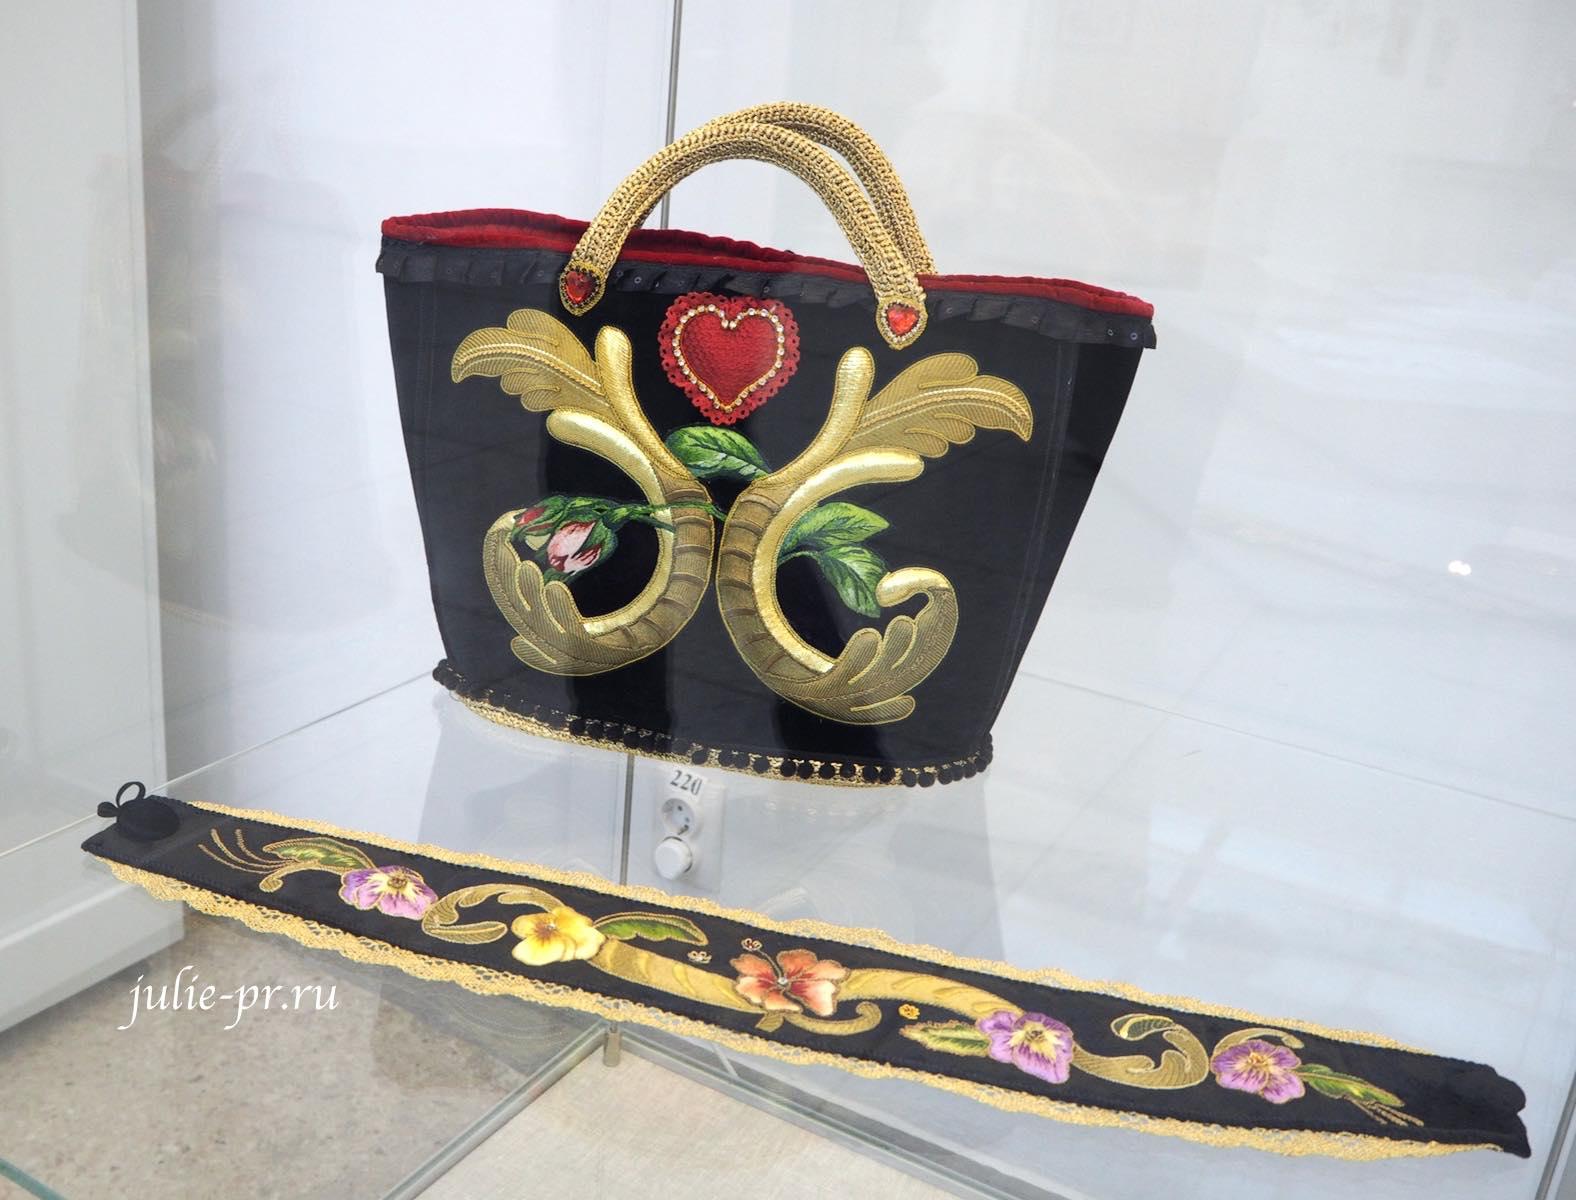 Всероссийская выставка вышивки, вышивка, сумка, пояс, золотное шитье, прикладная вышивка